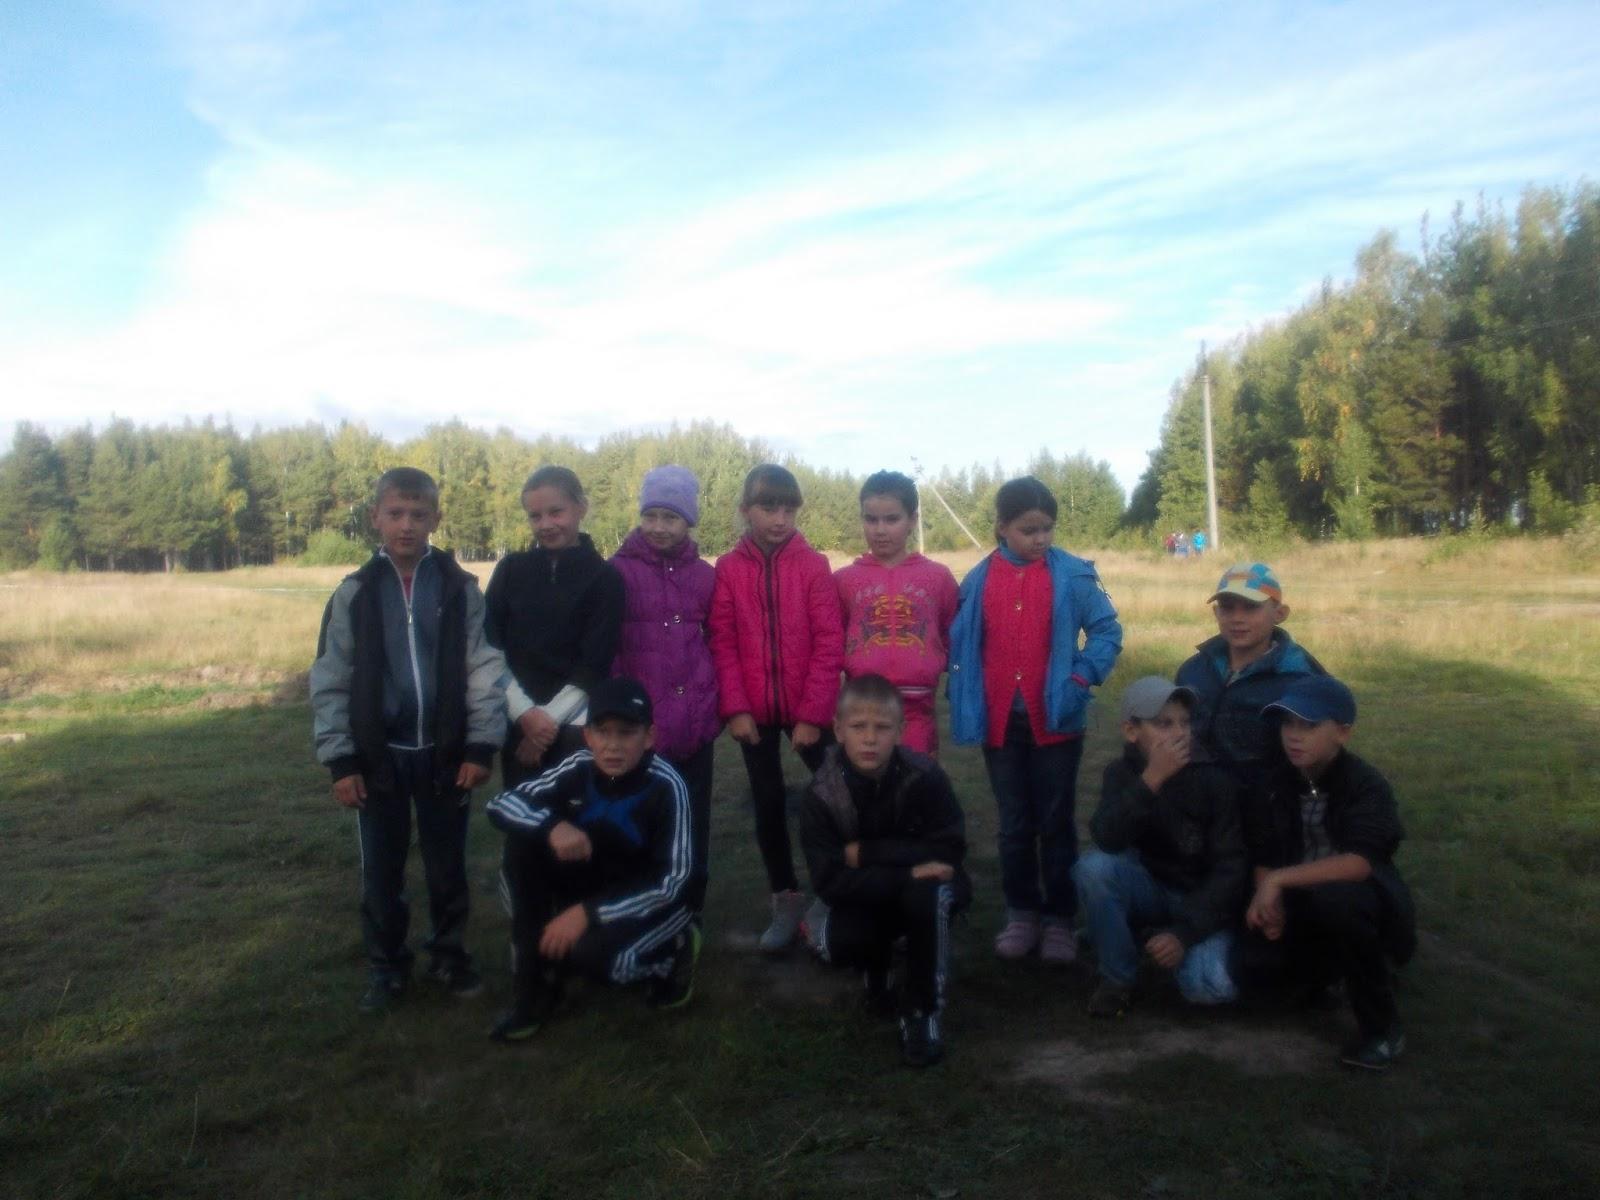 Фото раздетых девочек в лесу бесплатно 8 фотография